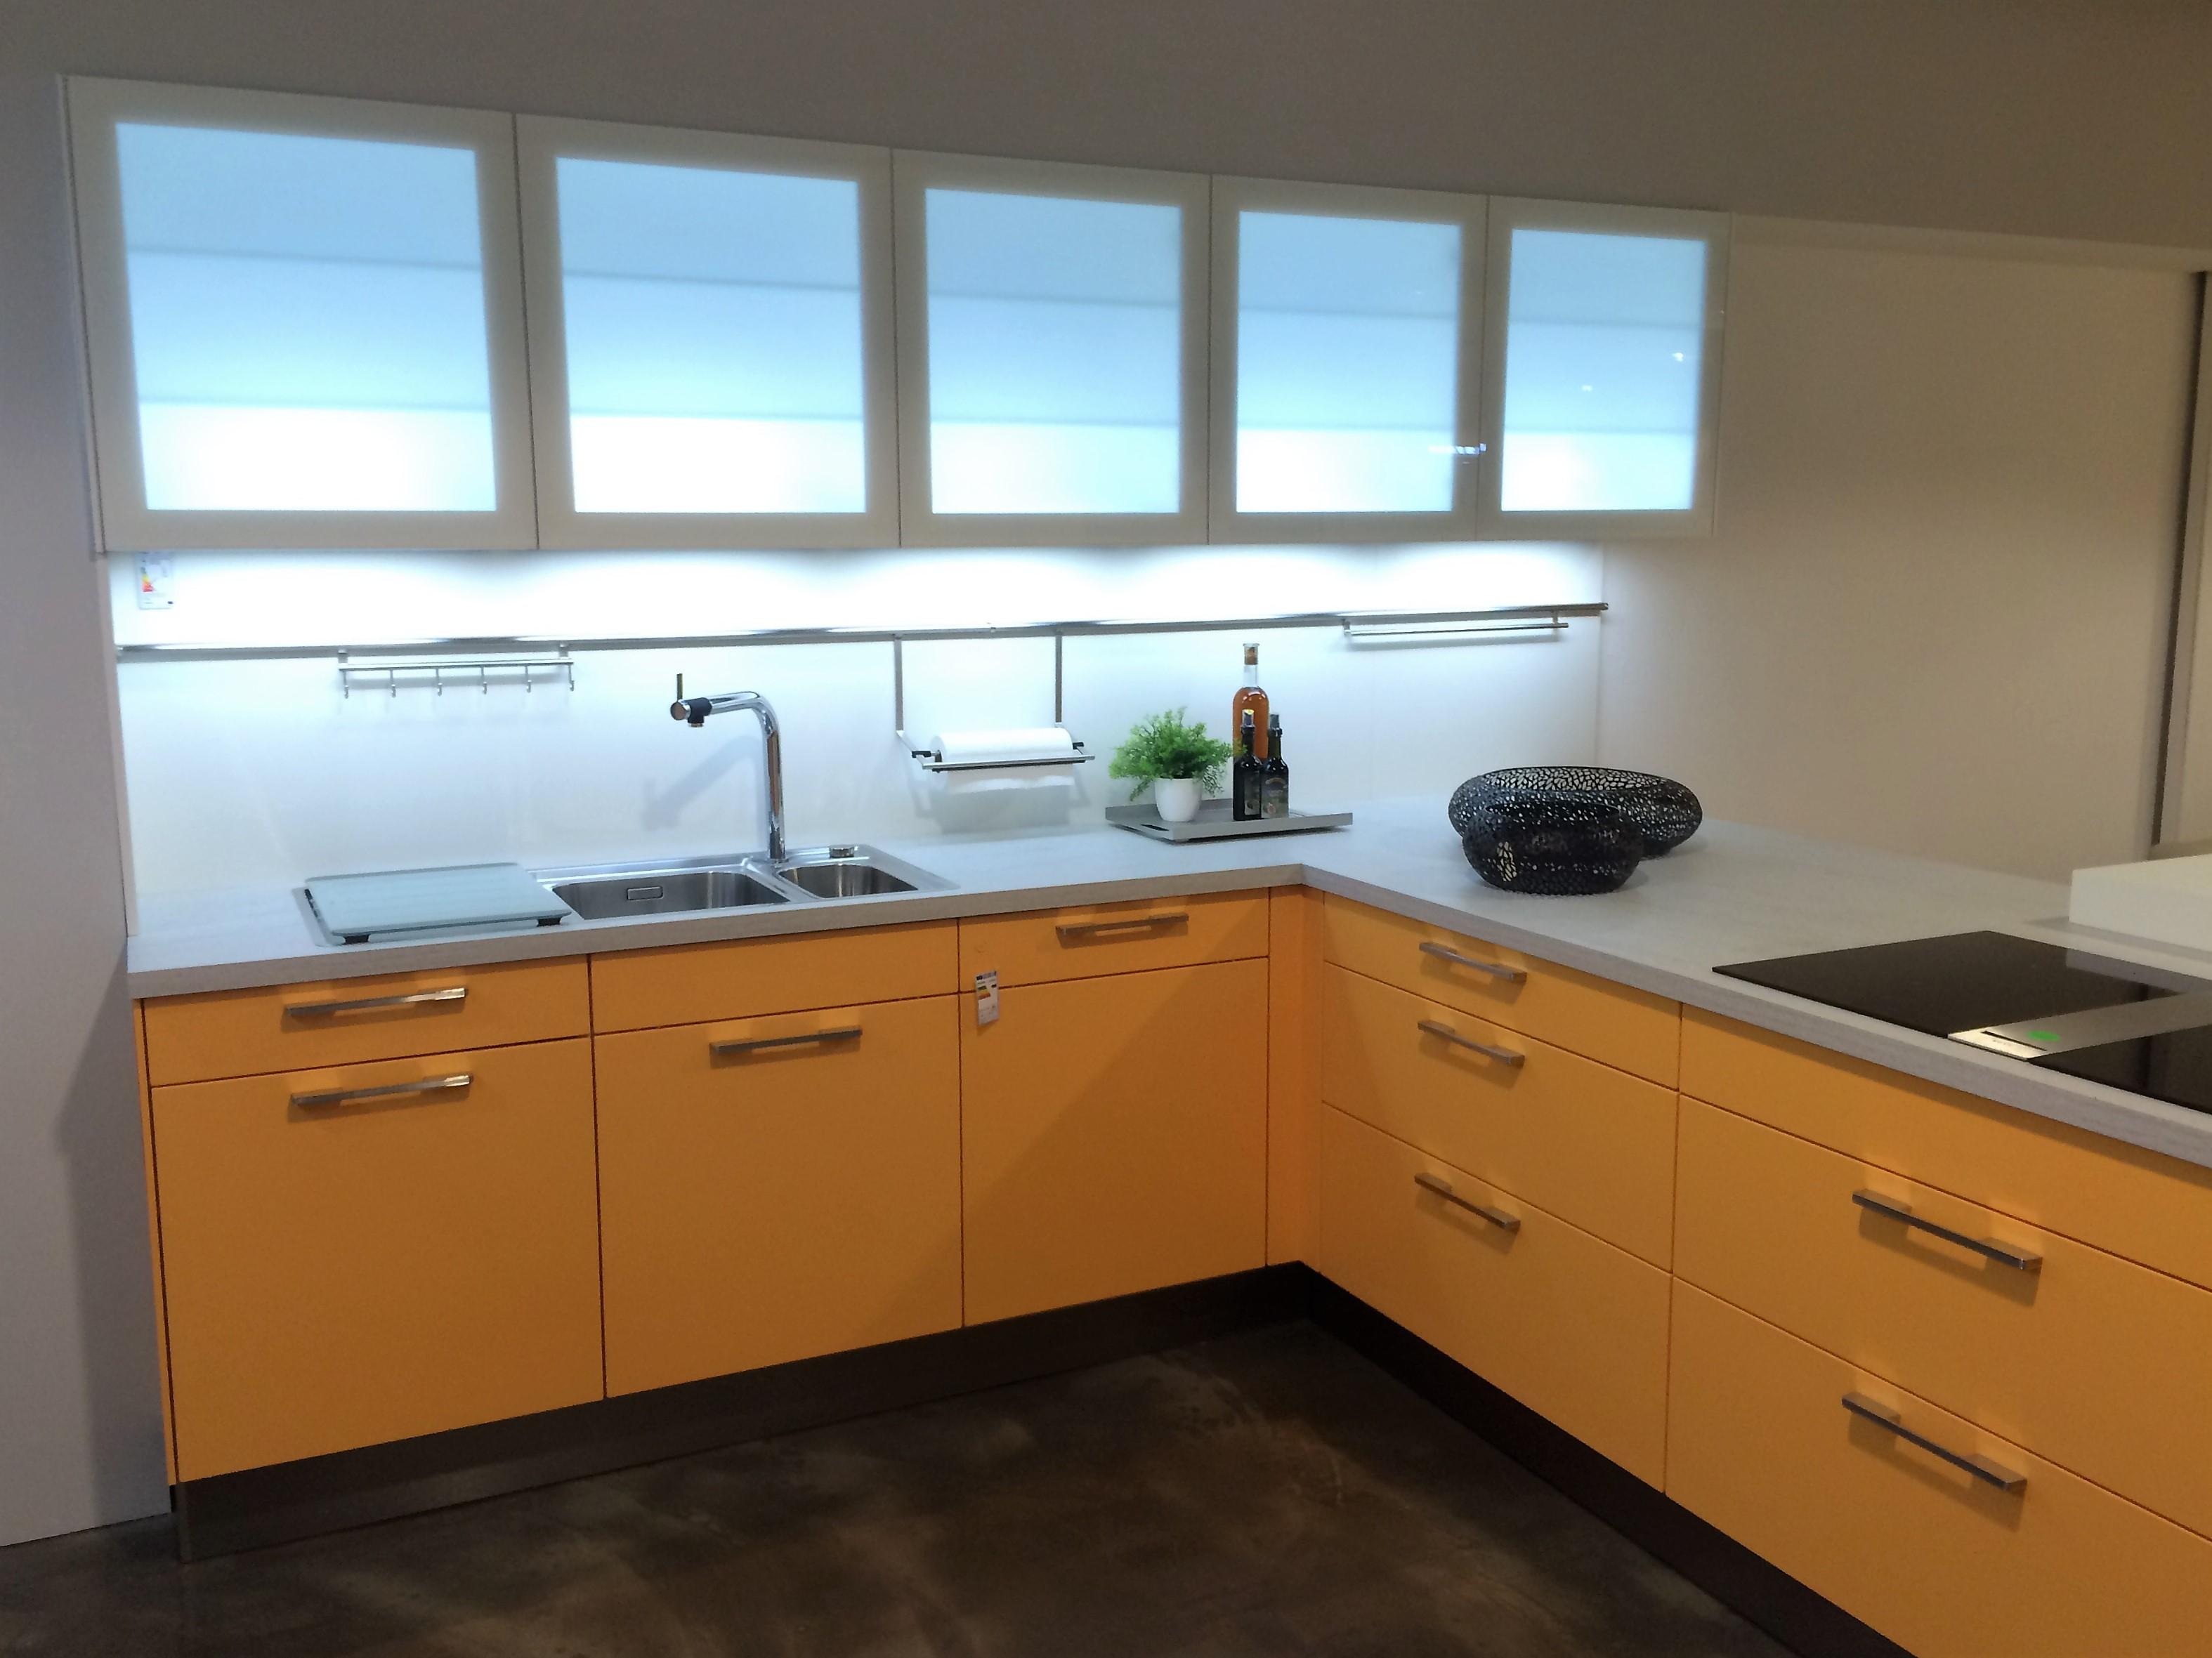 Küche l form günstig  Günstige Musterküche - Küche in L-Form von Häcker - erhältlich in ...